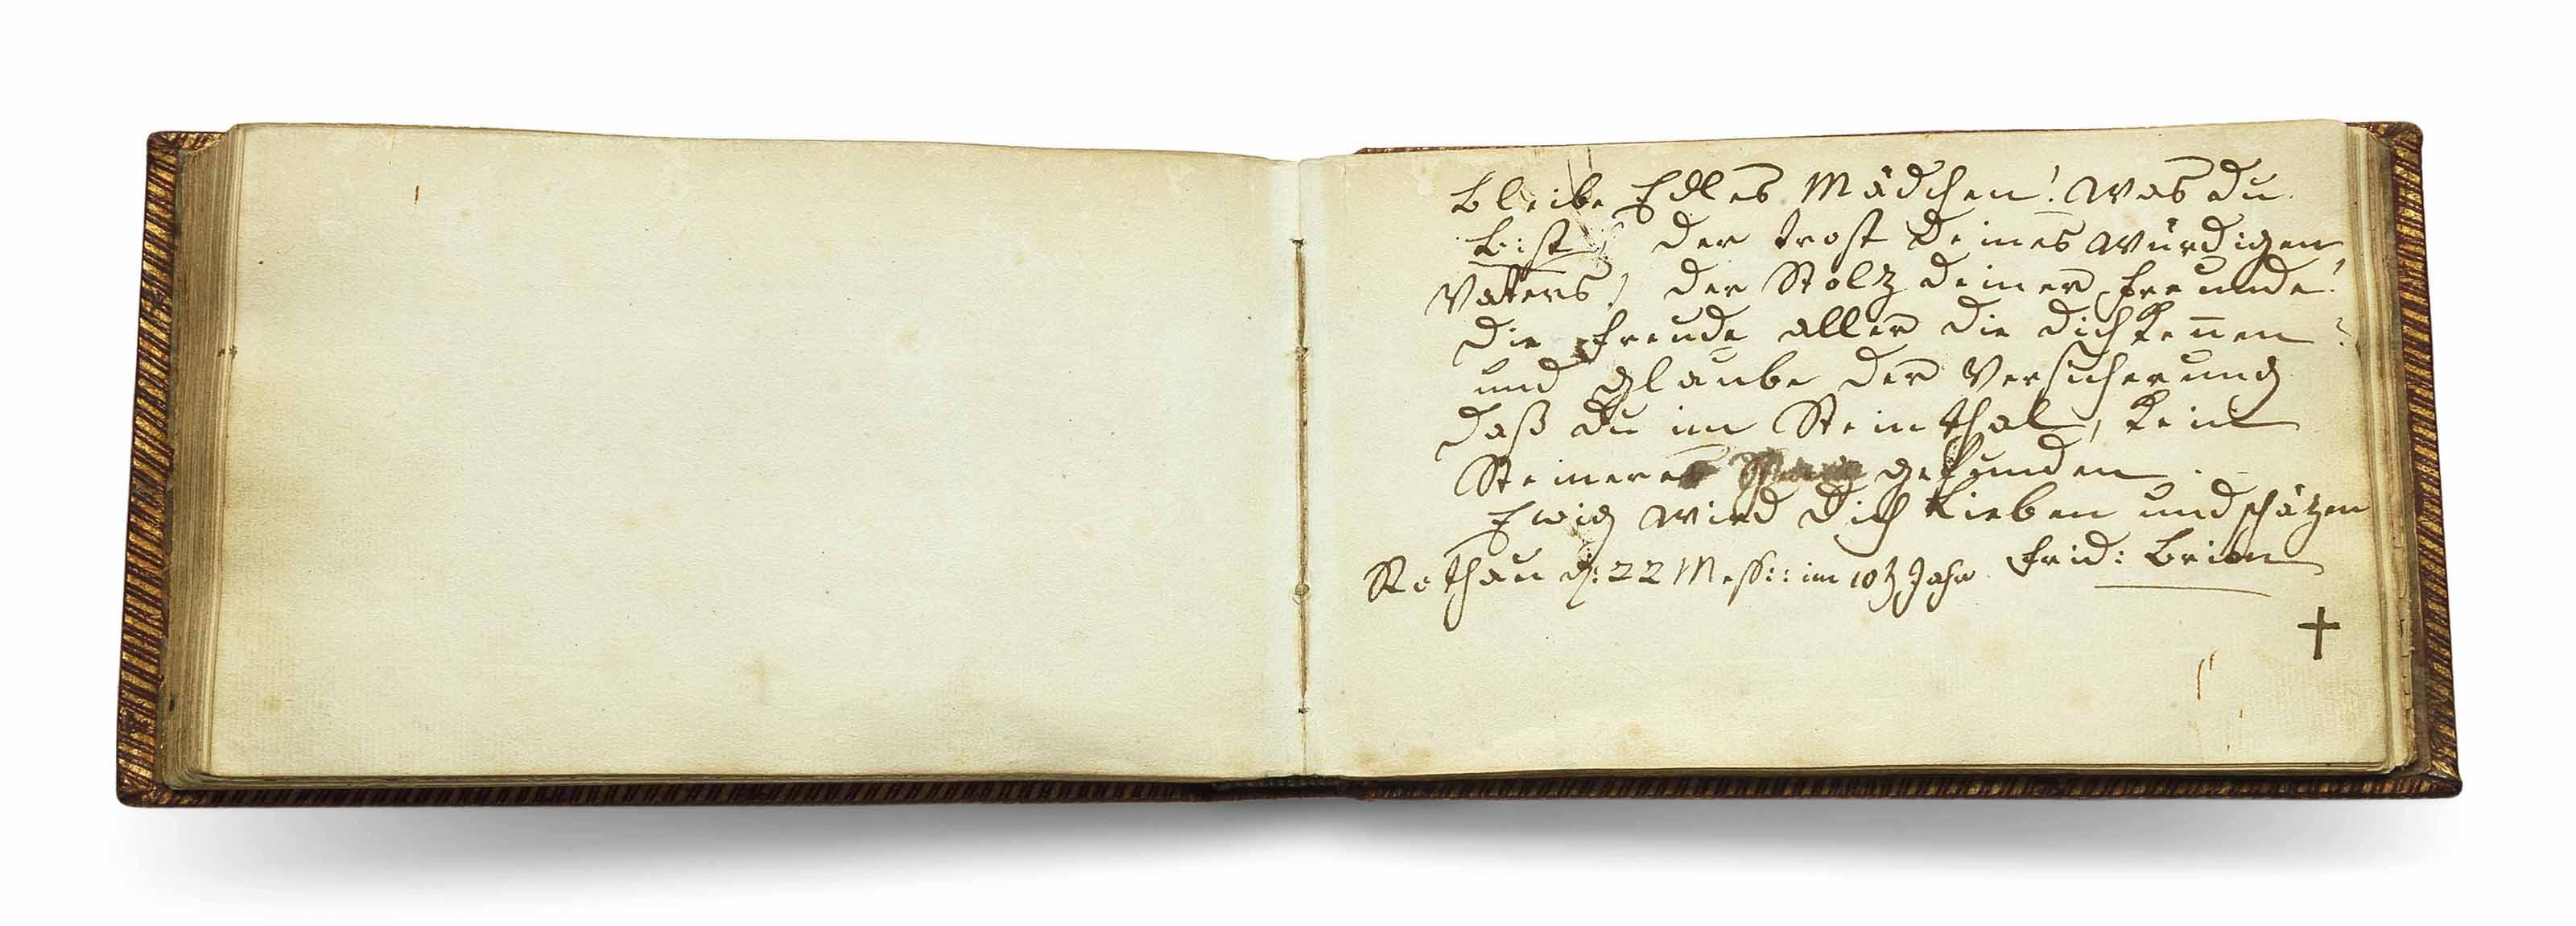 [GOETHE, Johann Wolfgang von (1749-1832)]. 'Denckmahl meiner Freunde und Freundinen', the album amicorum (Stammbuch) of Margaretha Beltzer, Strasbourg, Paris and other places, 1802-1832, including an inscription by Goethe's first great love, Friederike Brion.